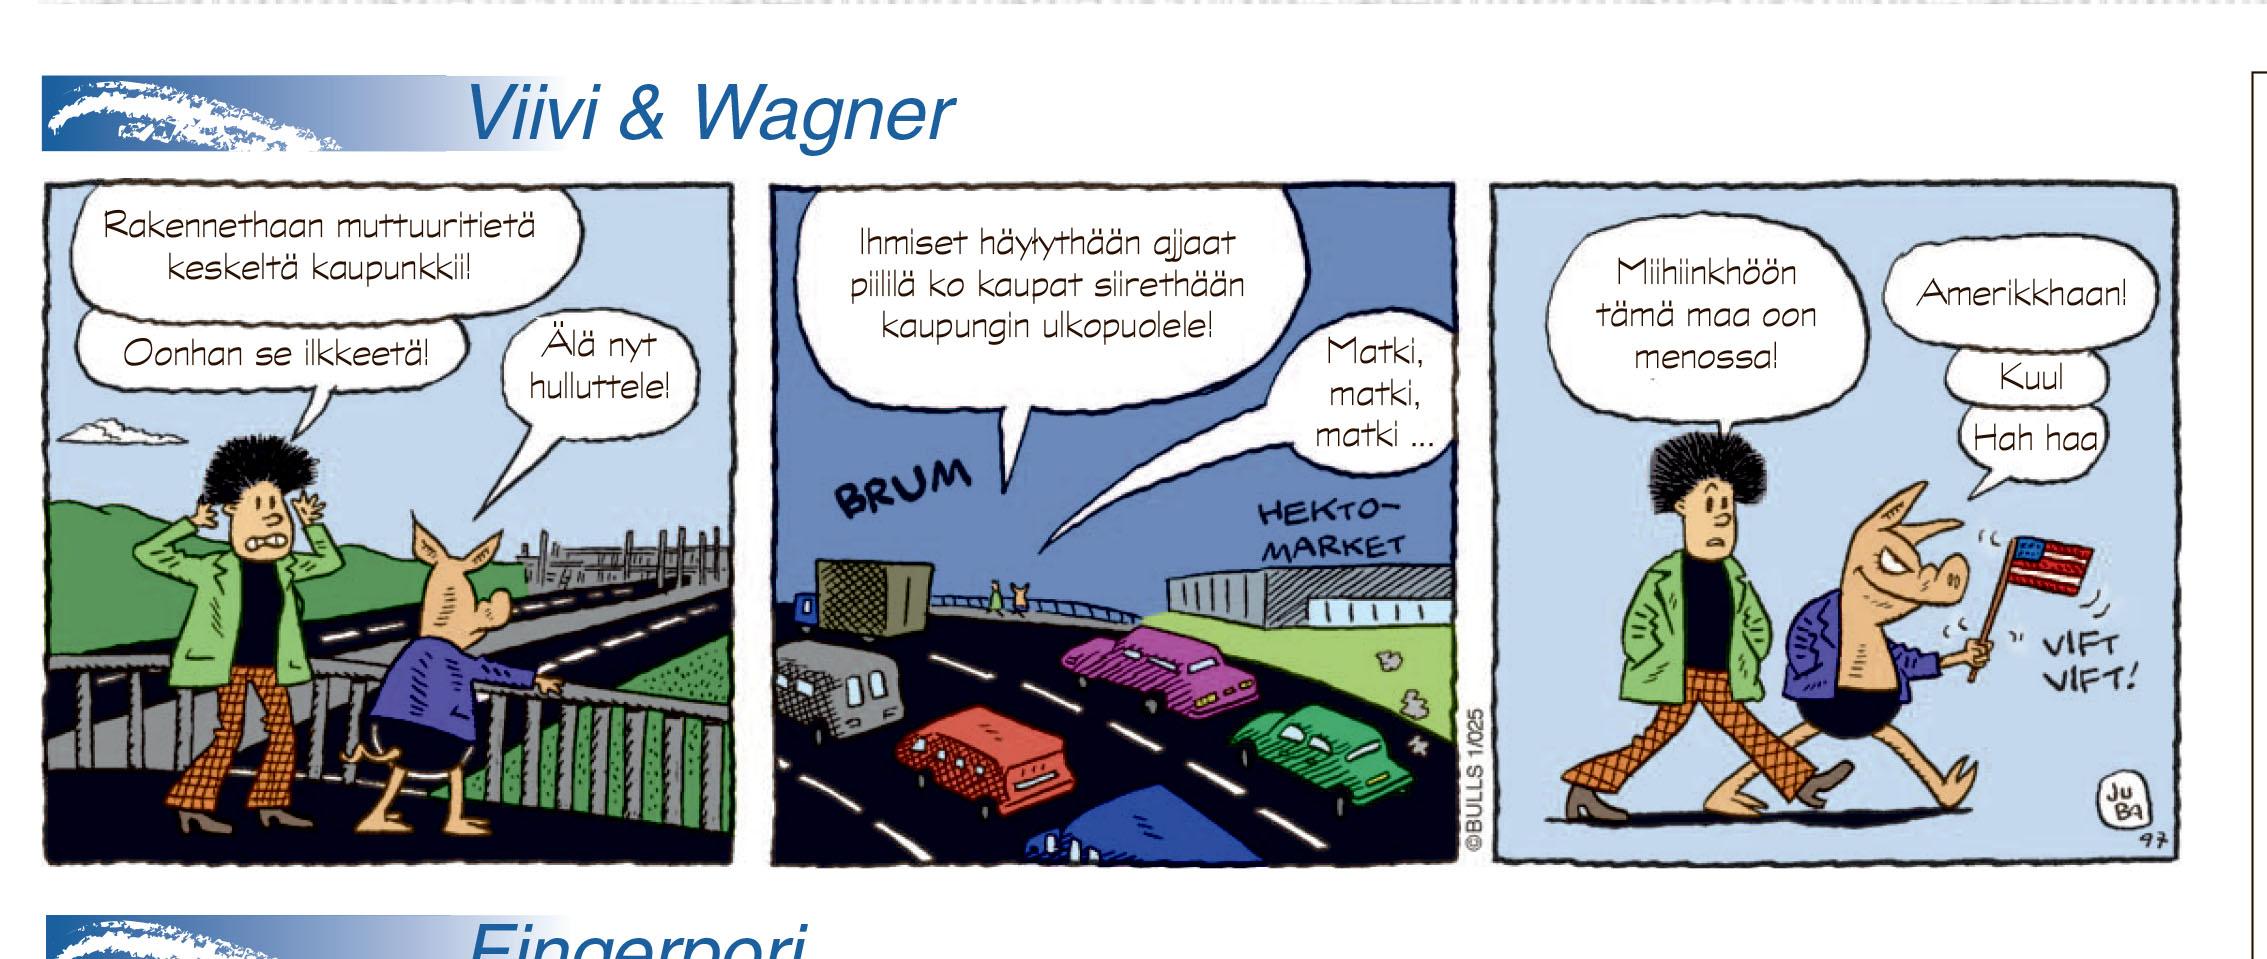 Viivi & Wagner (nr 3 -2014)